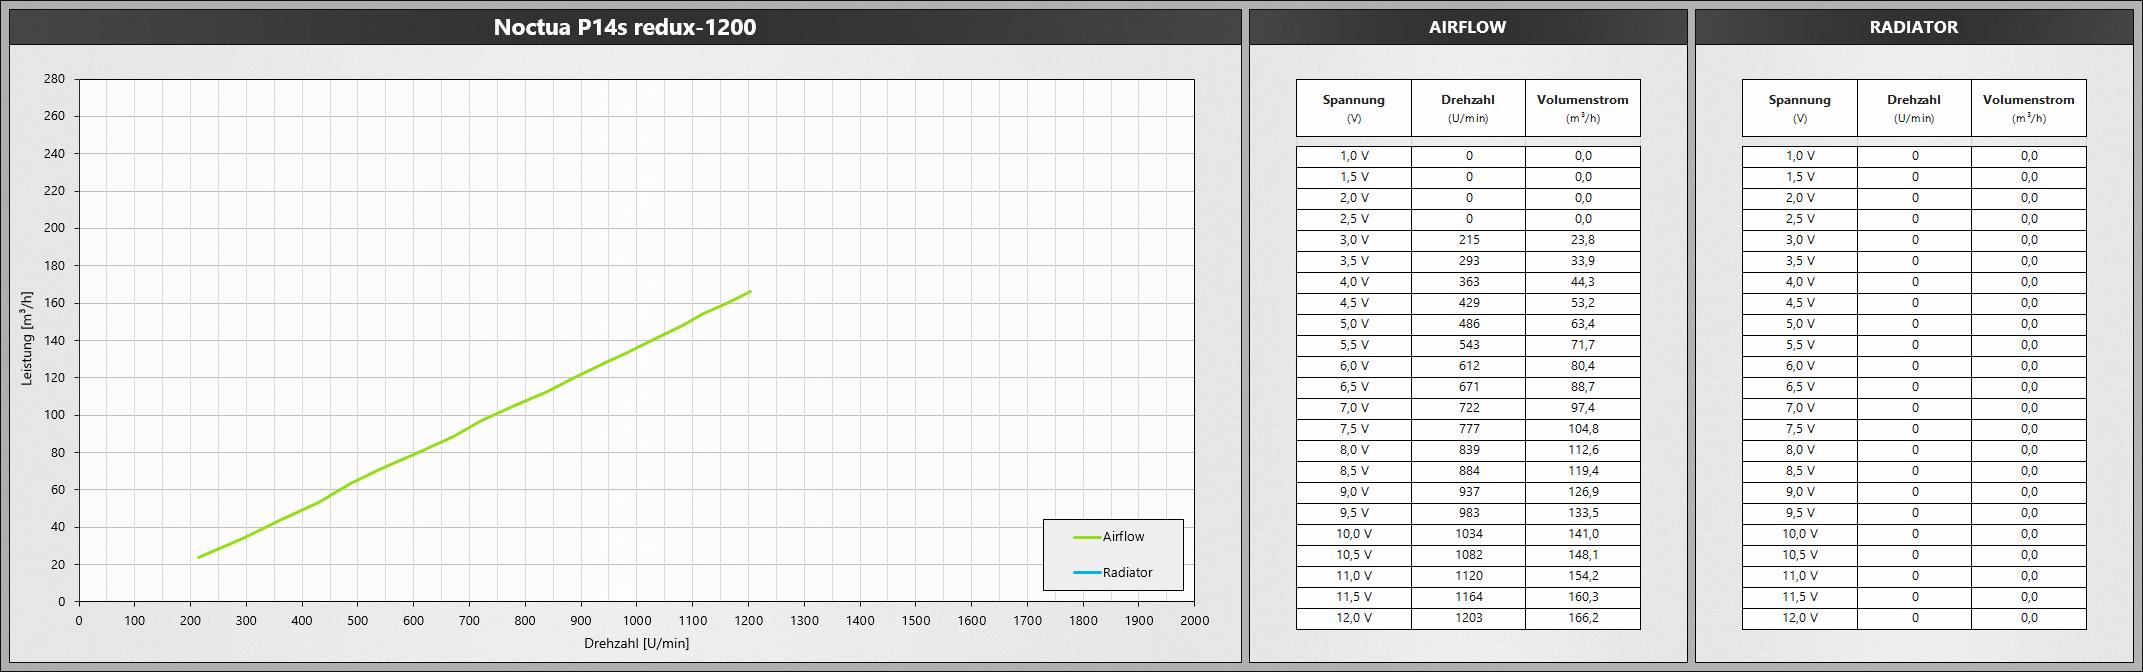 Klicken Sie auf die Grafik für eine größere Ansicht  Name:Noctua P14sRedux1200.png Hits:660 Größe:467,8 KB ID:1074773